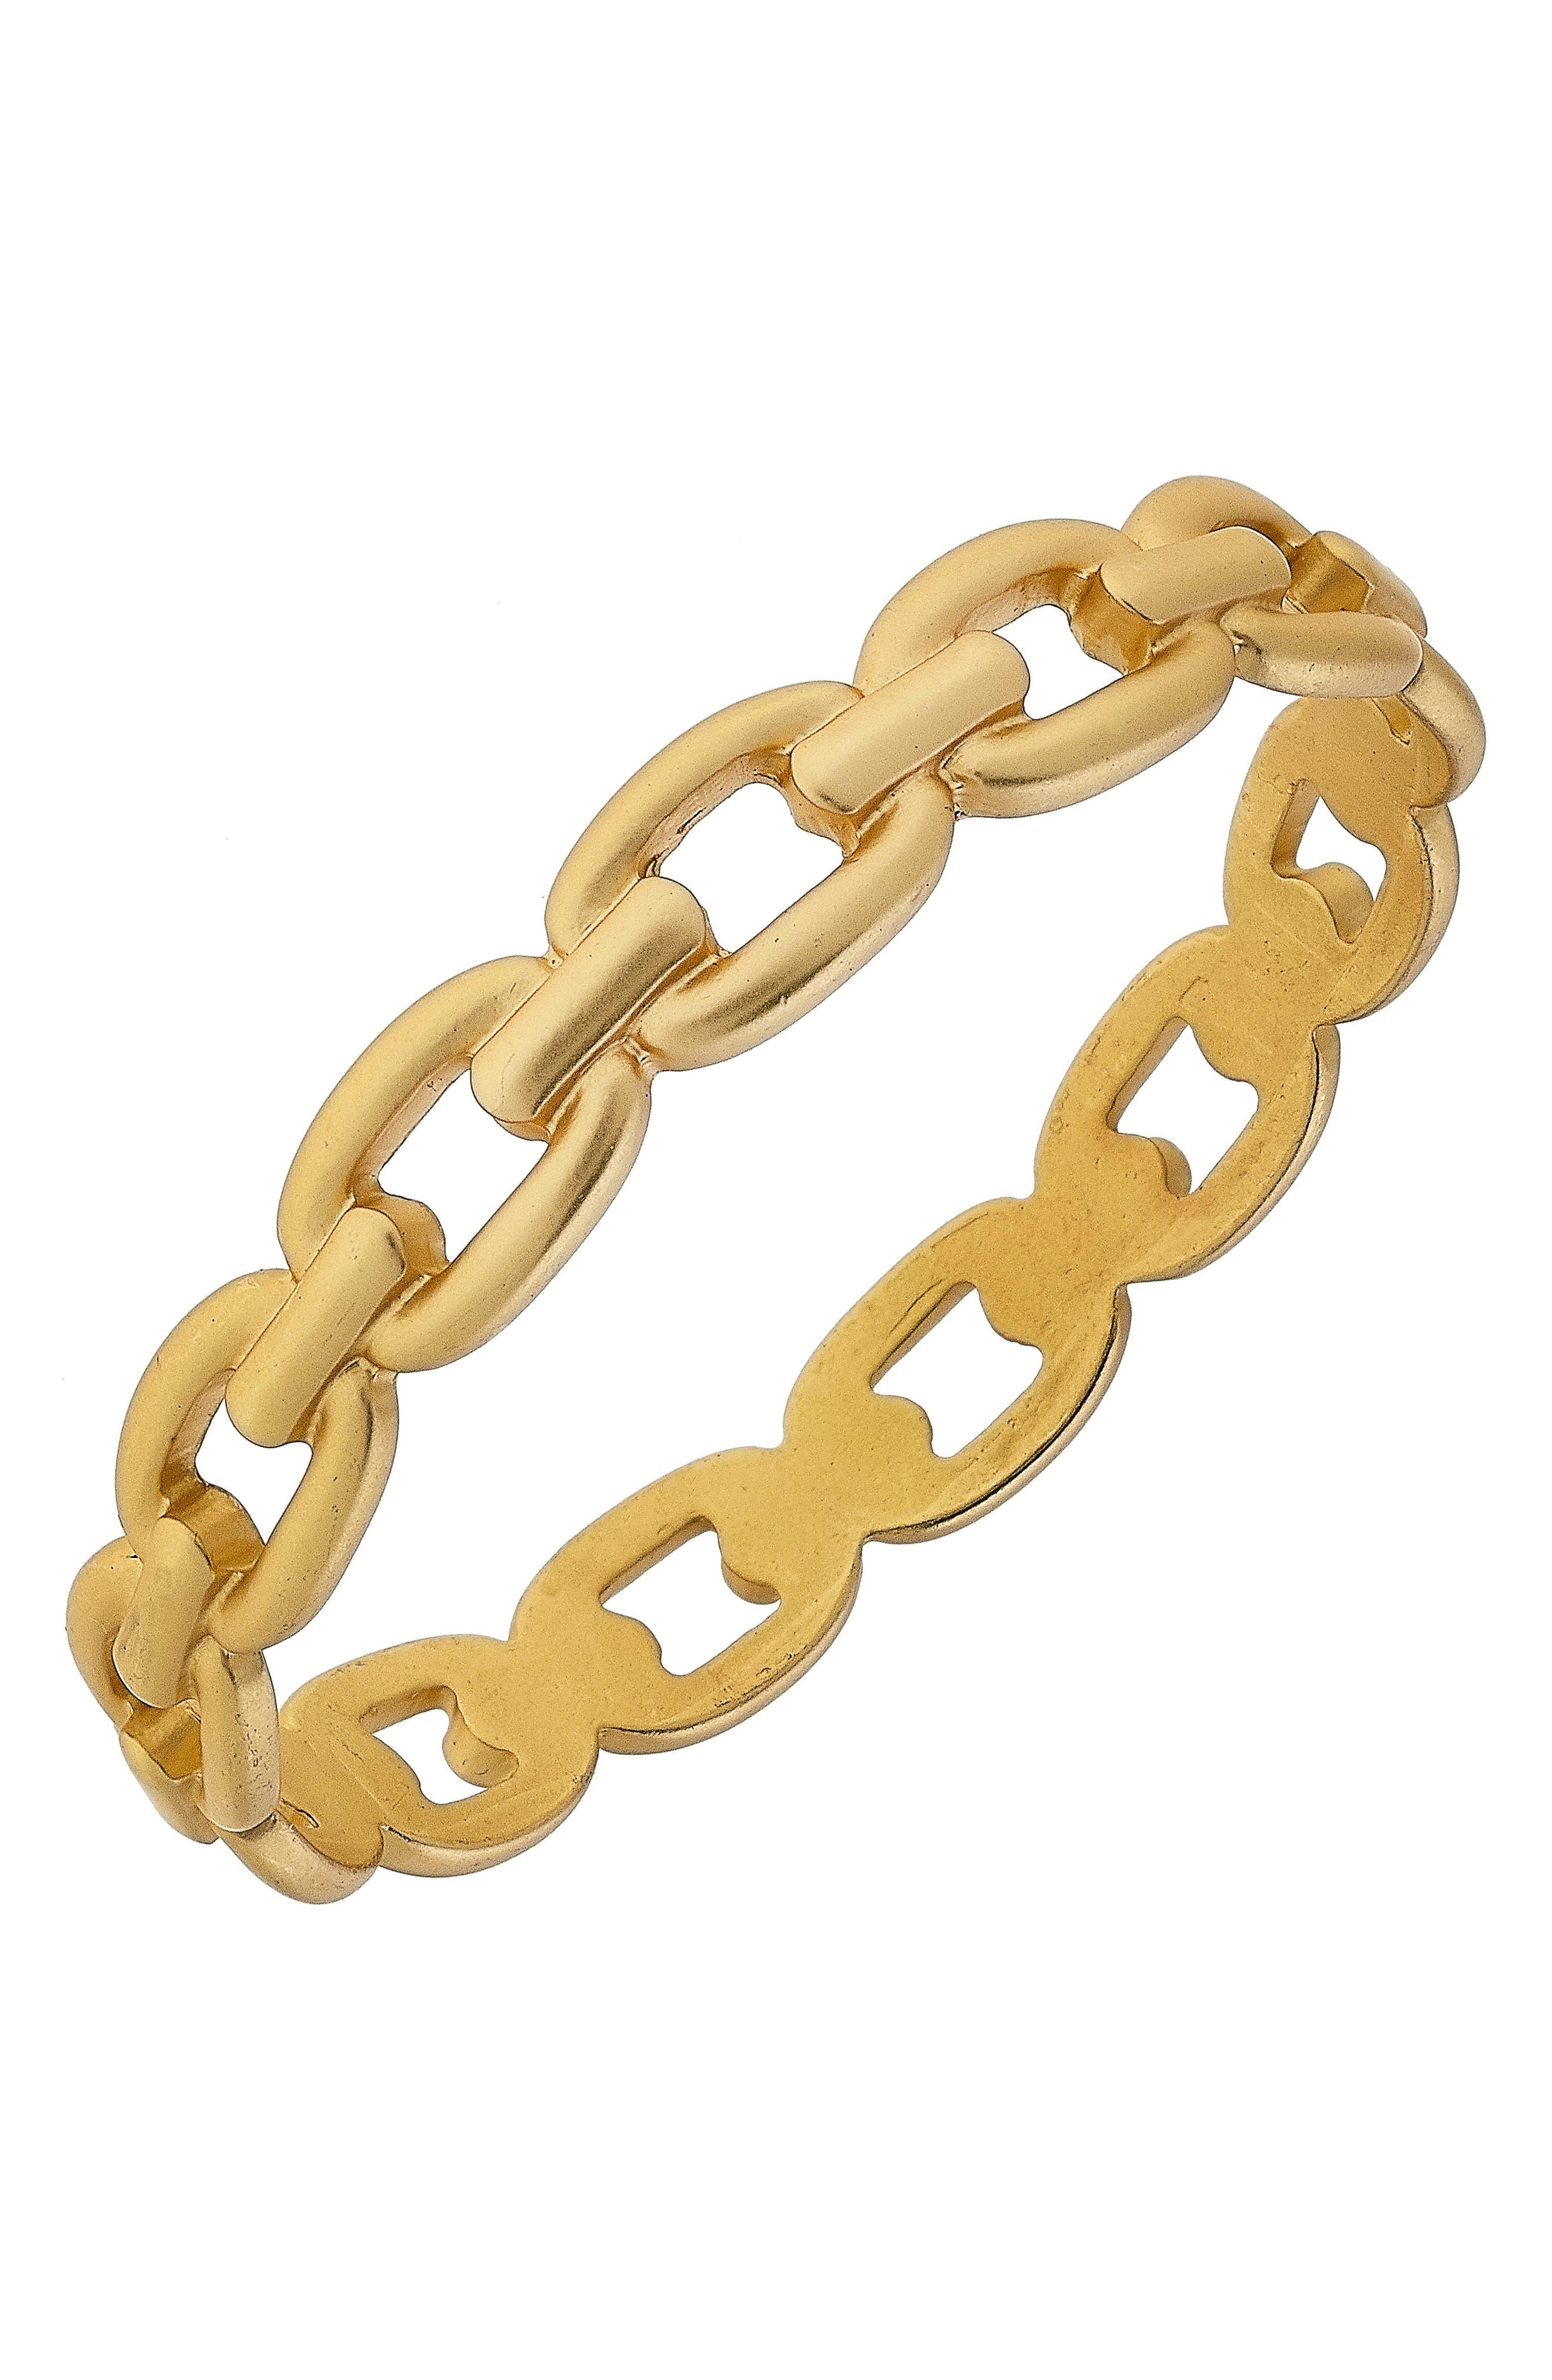 Calais Frozen Chain Bangle